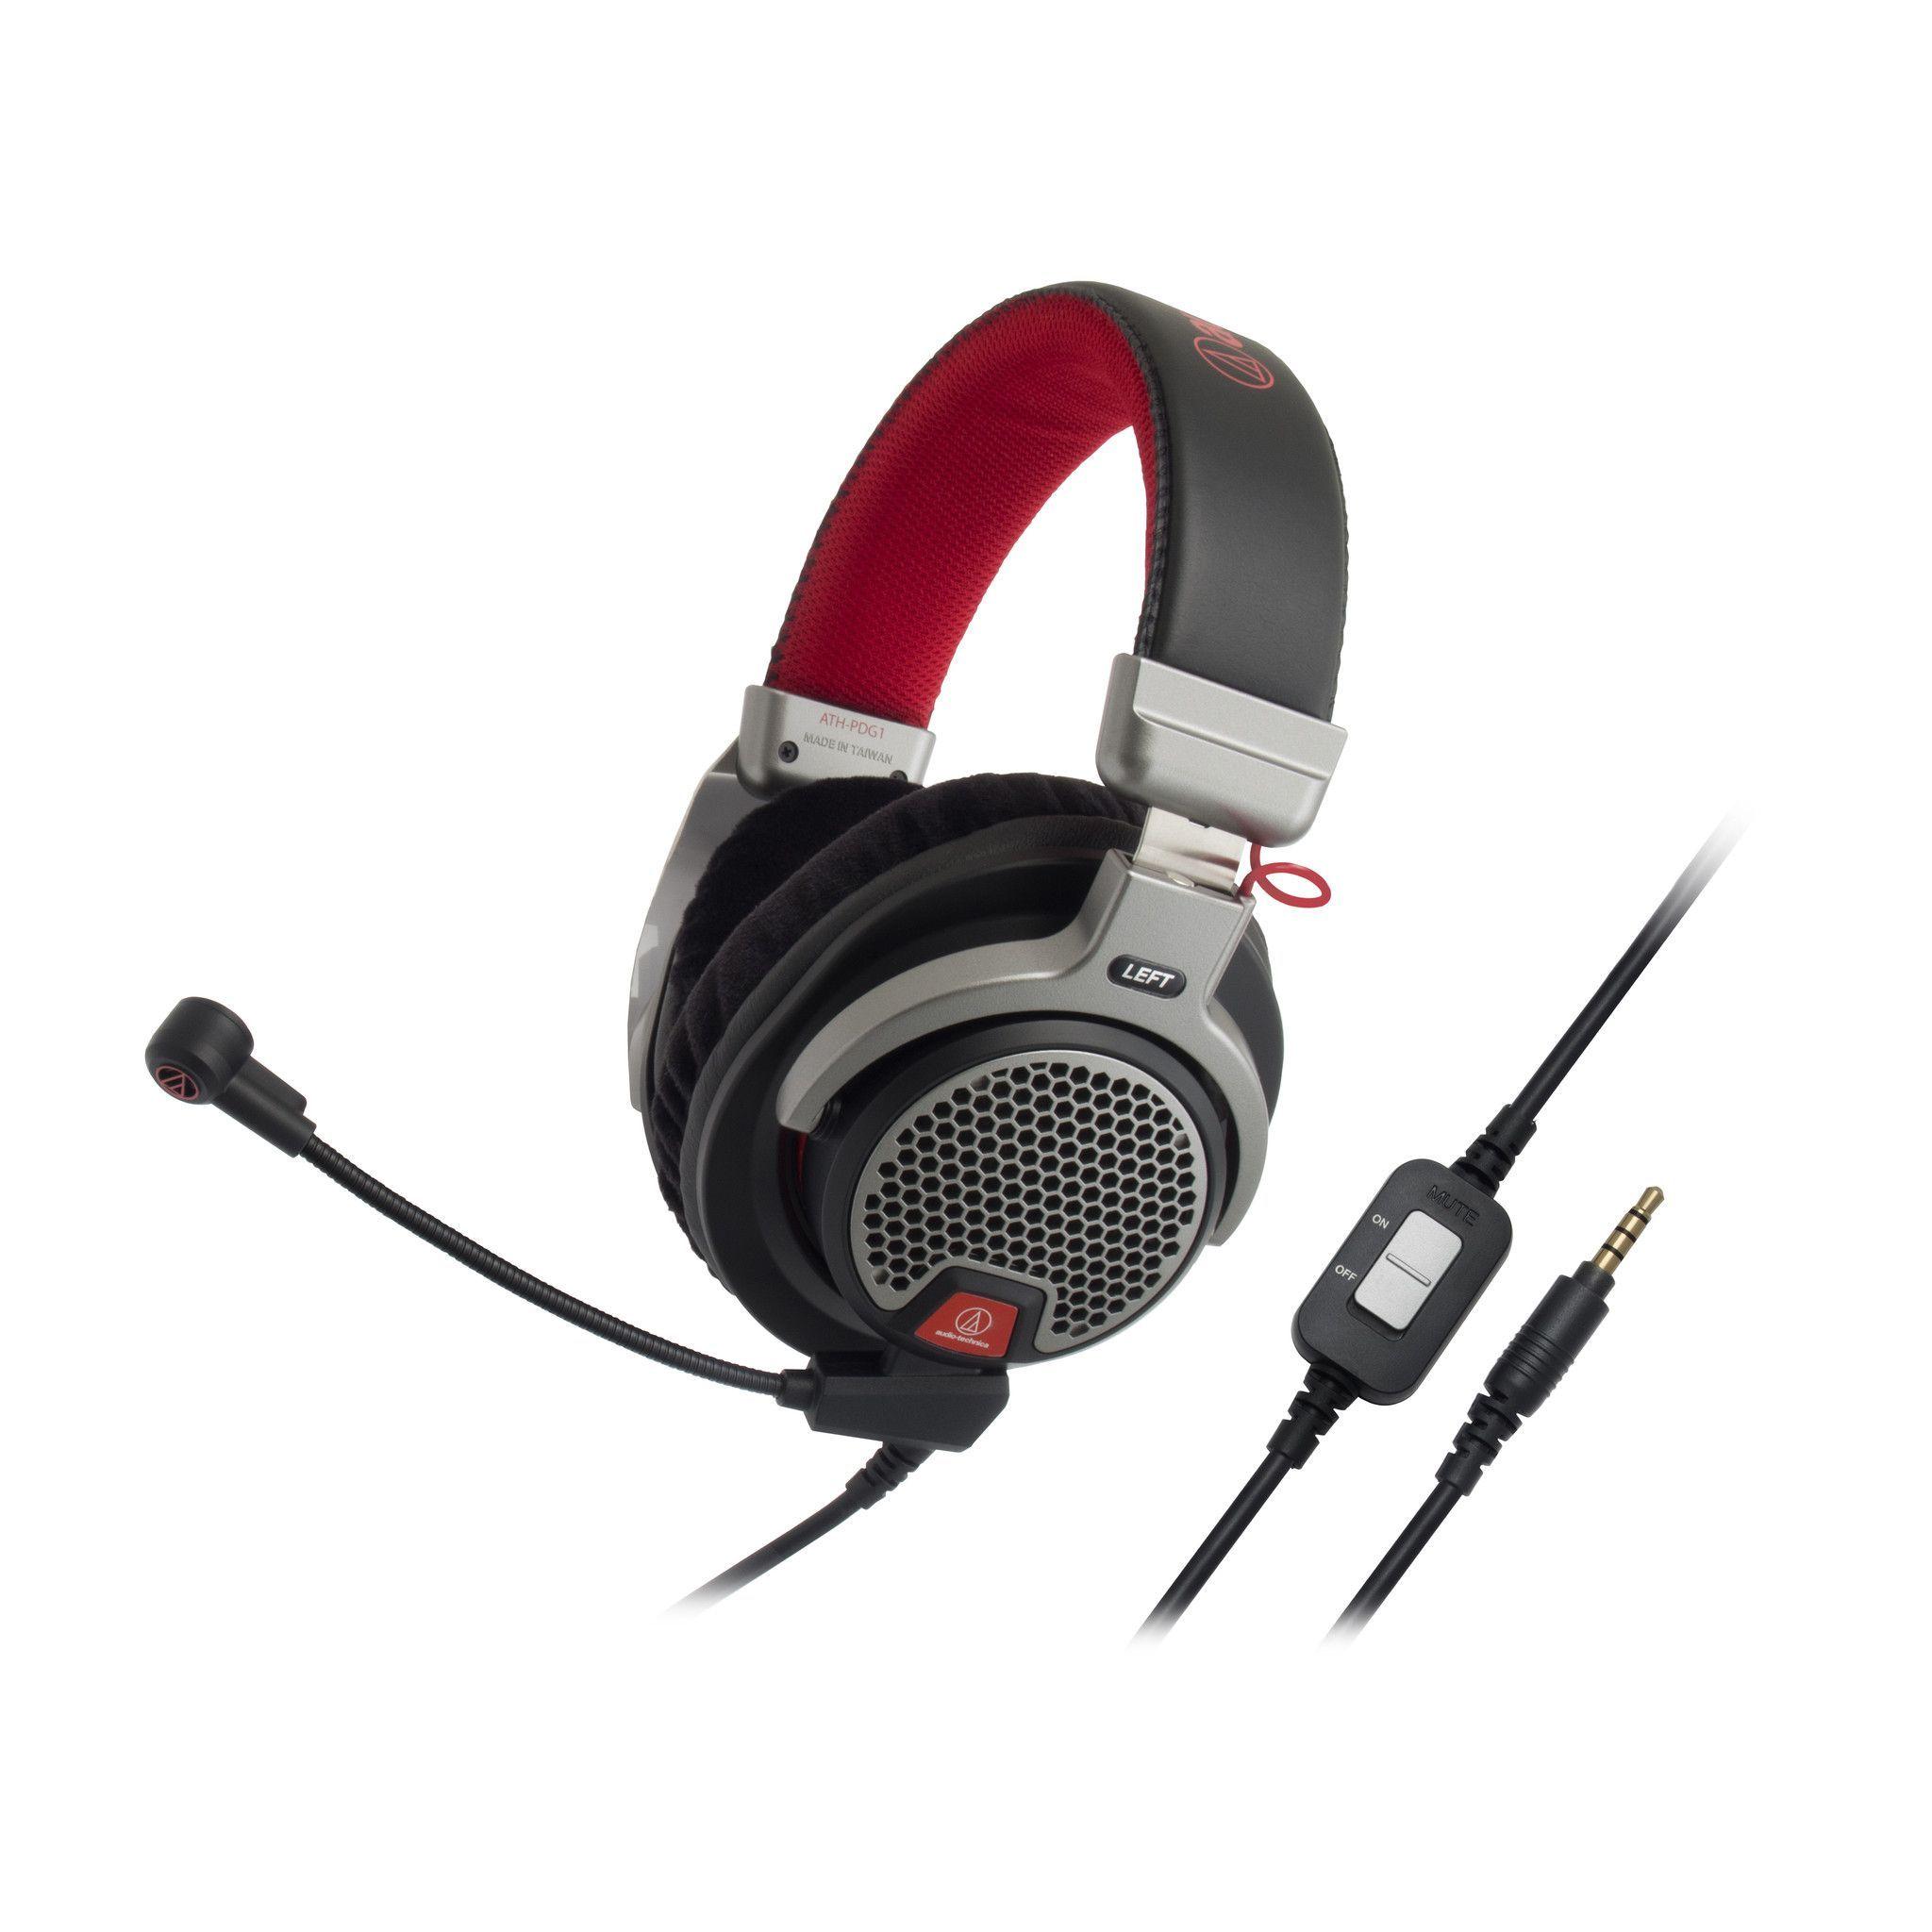 Audio Technica Ath Pdg1 Premium Gaming Headset Gaming Headphones Video Game Headset Gamers Headphones Audio Technica Headphones Headset Audio Technica